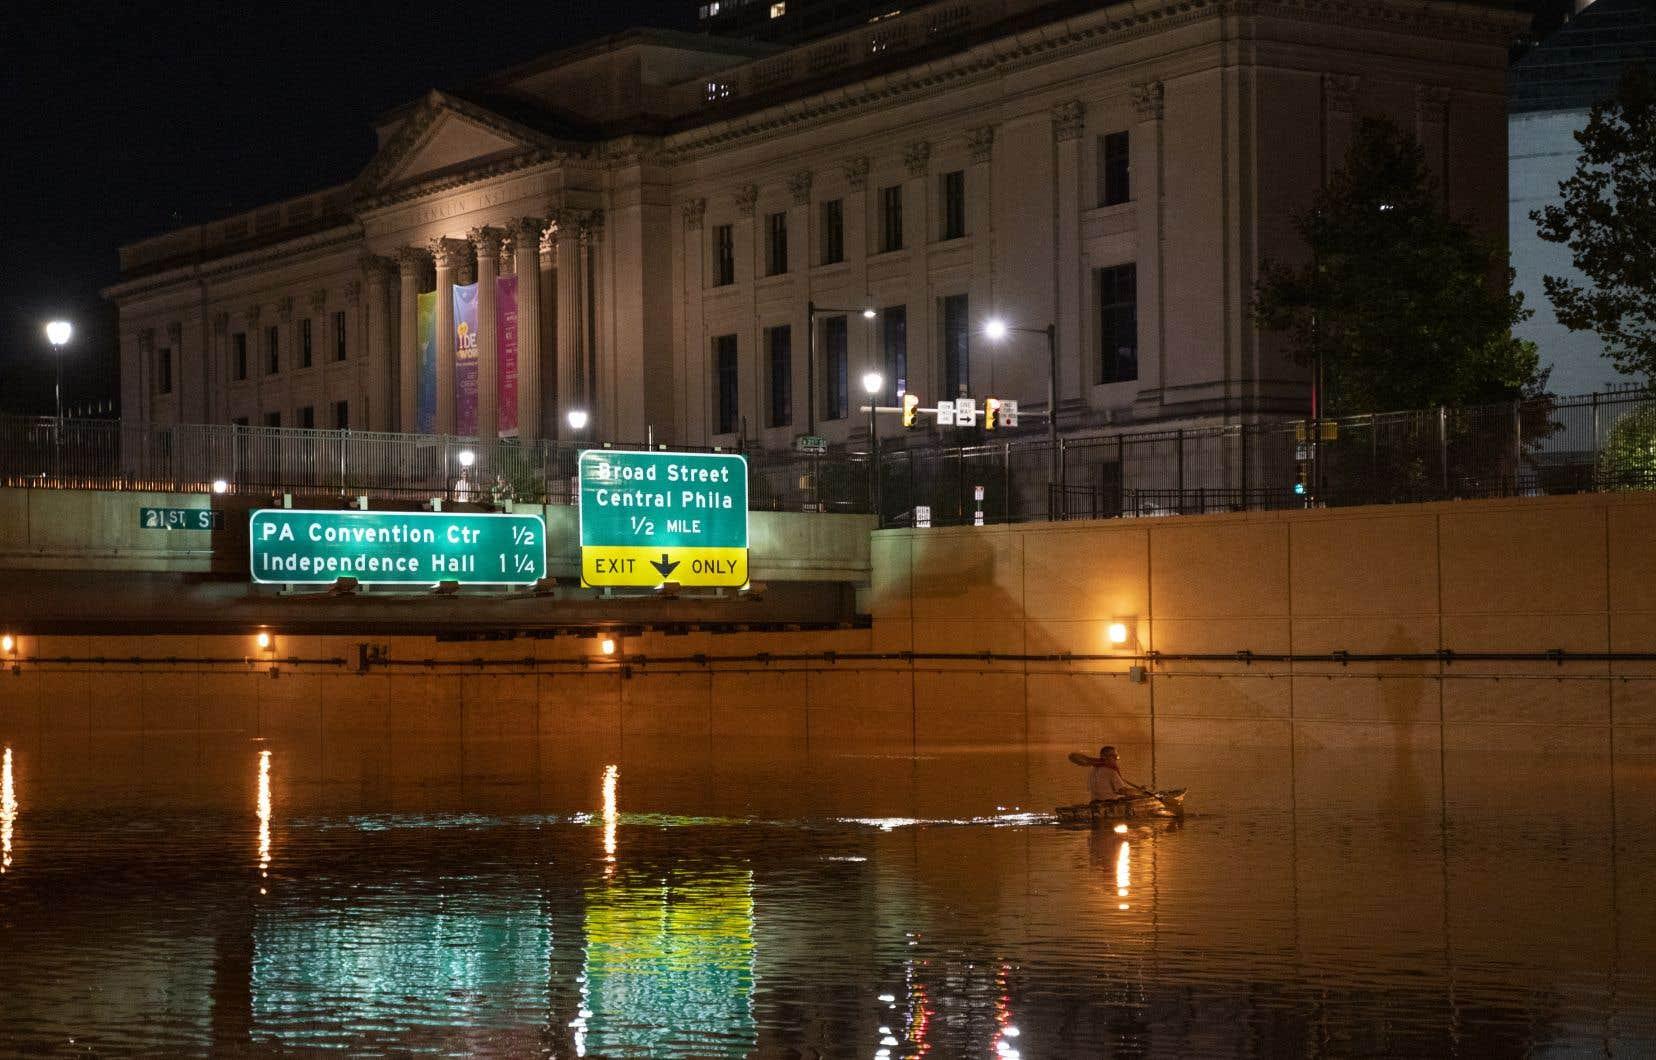 Les ouragans et tempêtes sont un phénomène récurrent aux États-Unis, mais le réchauffement de la surface des océans contribue à rendre les tempêtes plus puissantes, notamment dans les villes côtières comme New York ou, ici, Philapdelphie.